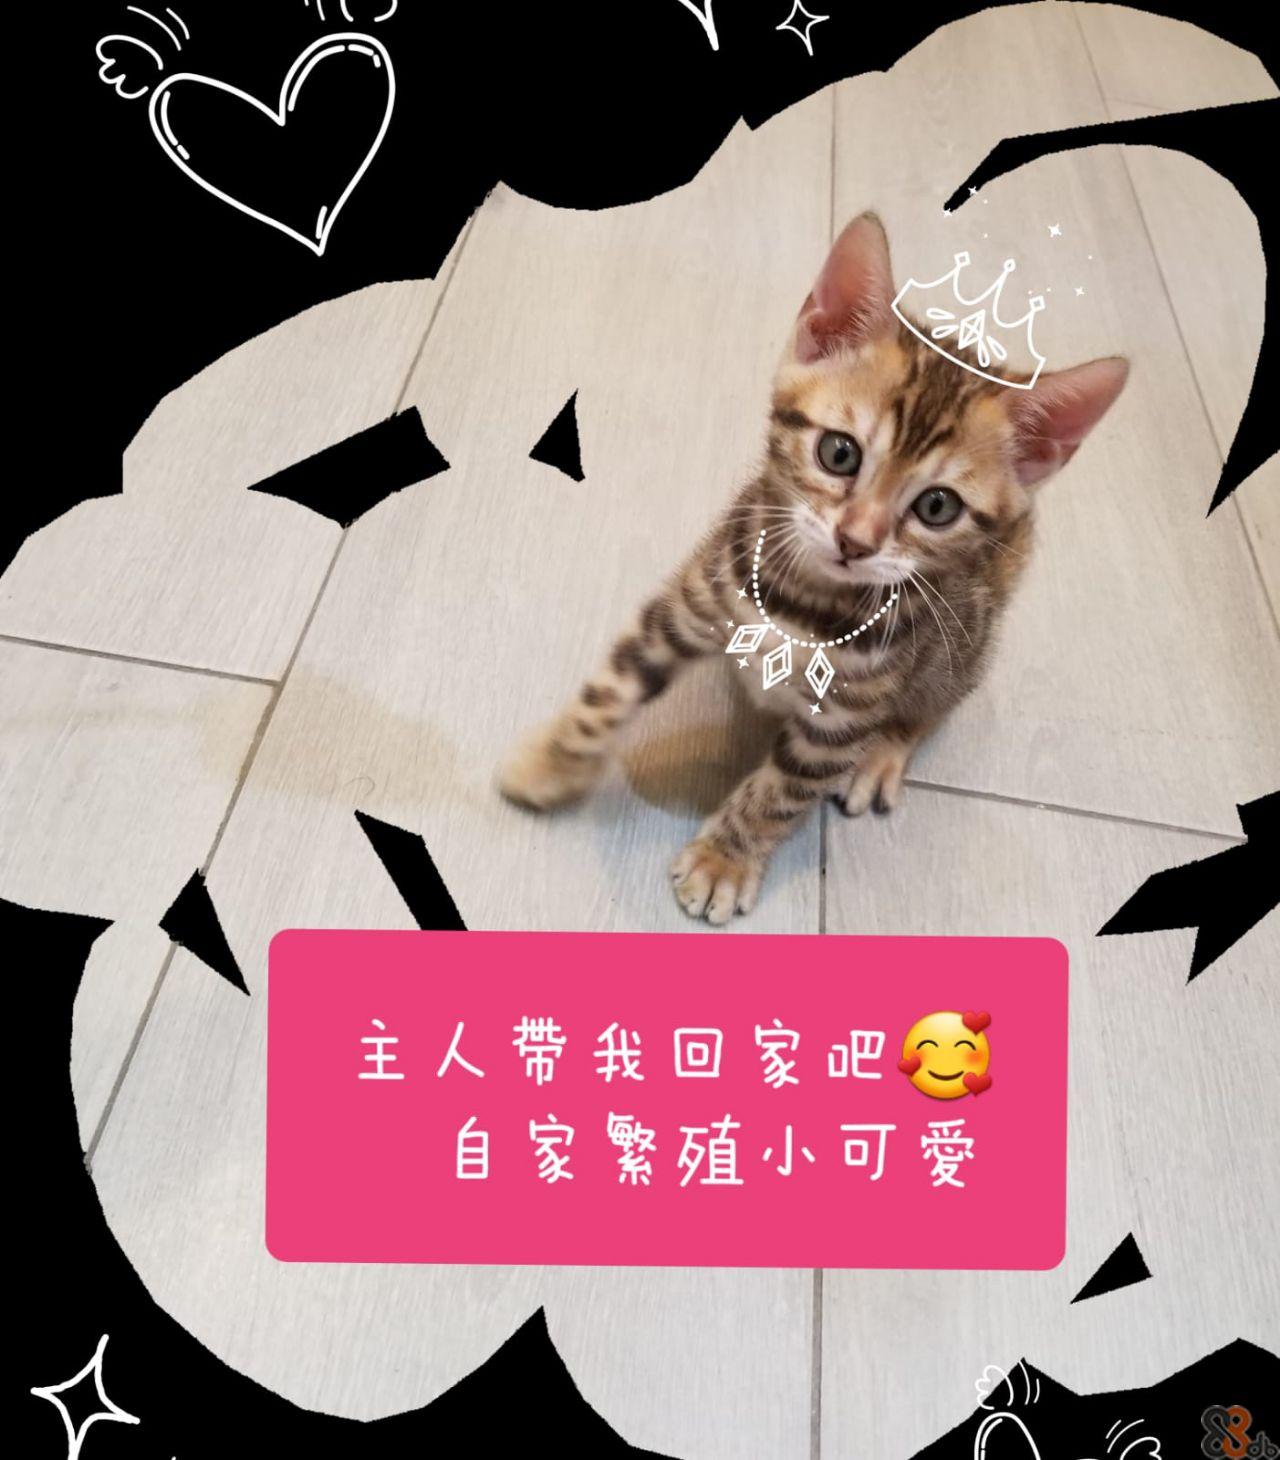 主人帶我回家吧 自家繁殖小可愛  Cat,Felidae,Small to medium-sized cats,Whiskers,Font